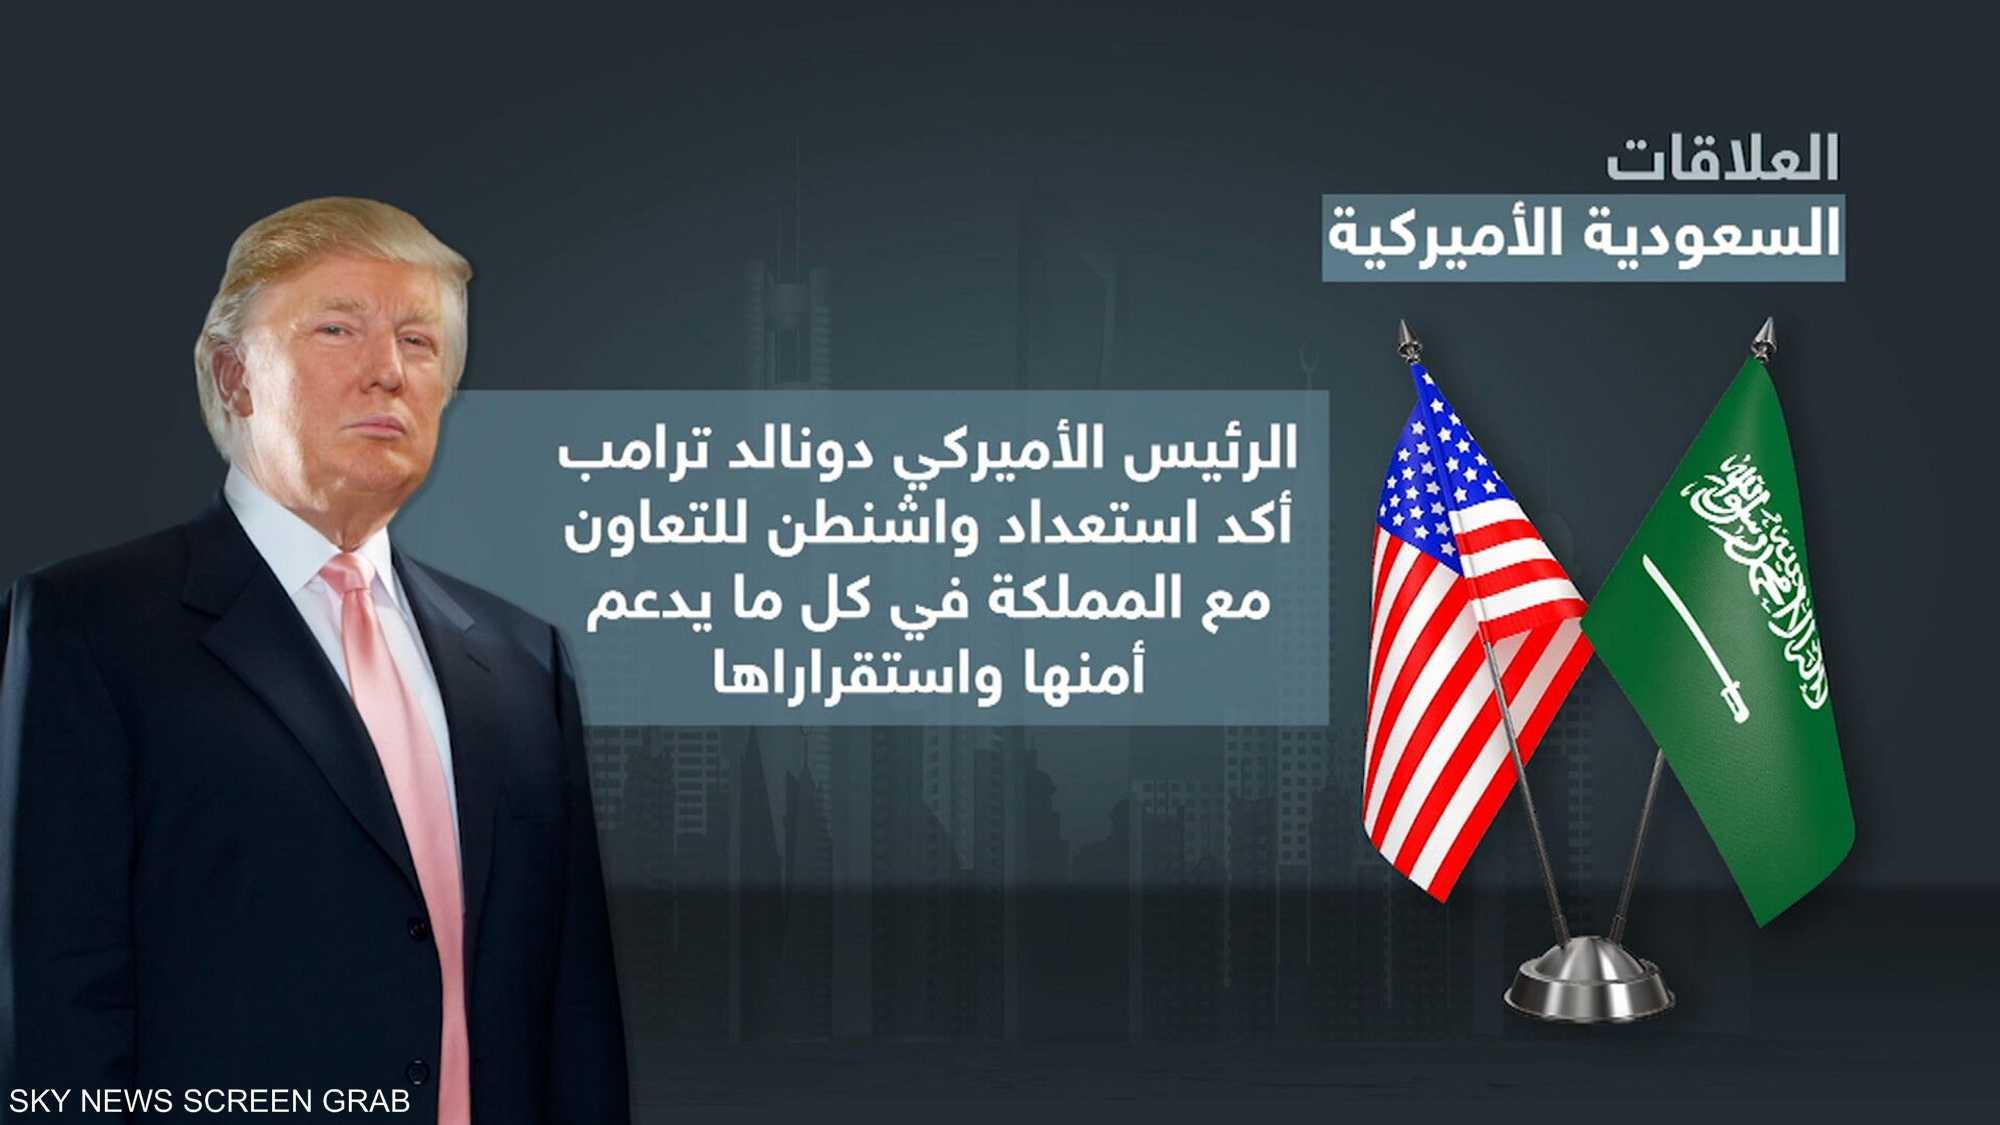 تضامن ودعم أميركي كامل للمملكة عقب تعرضها لهجمات إرهابية